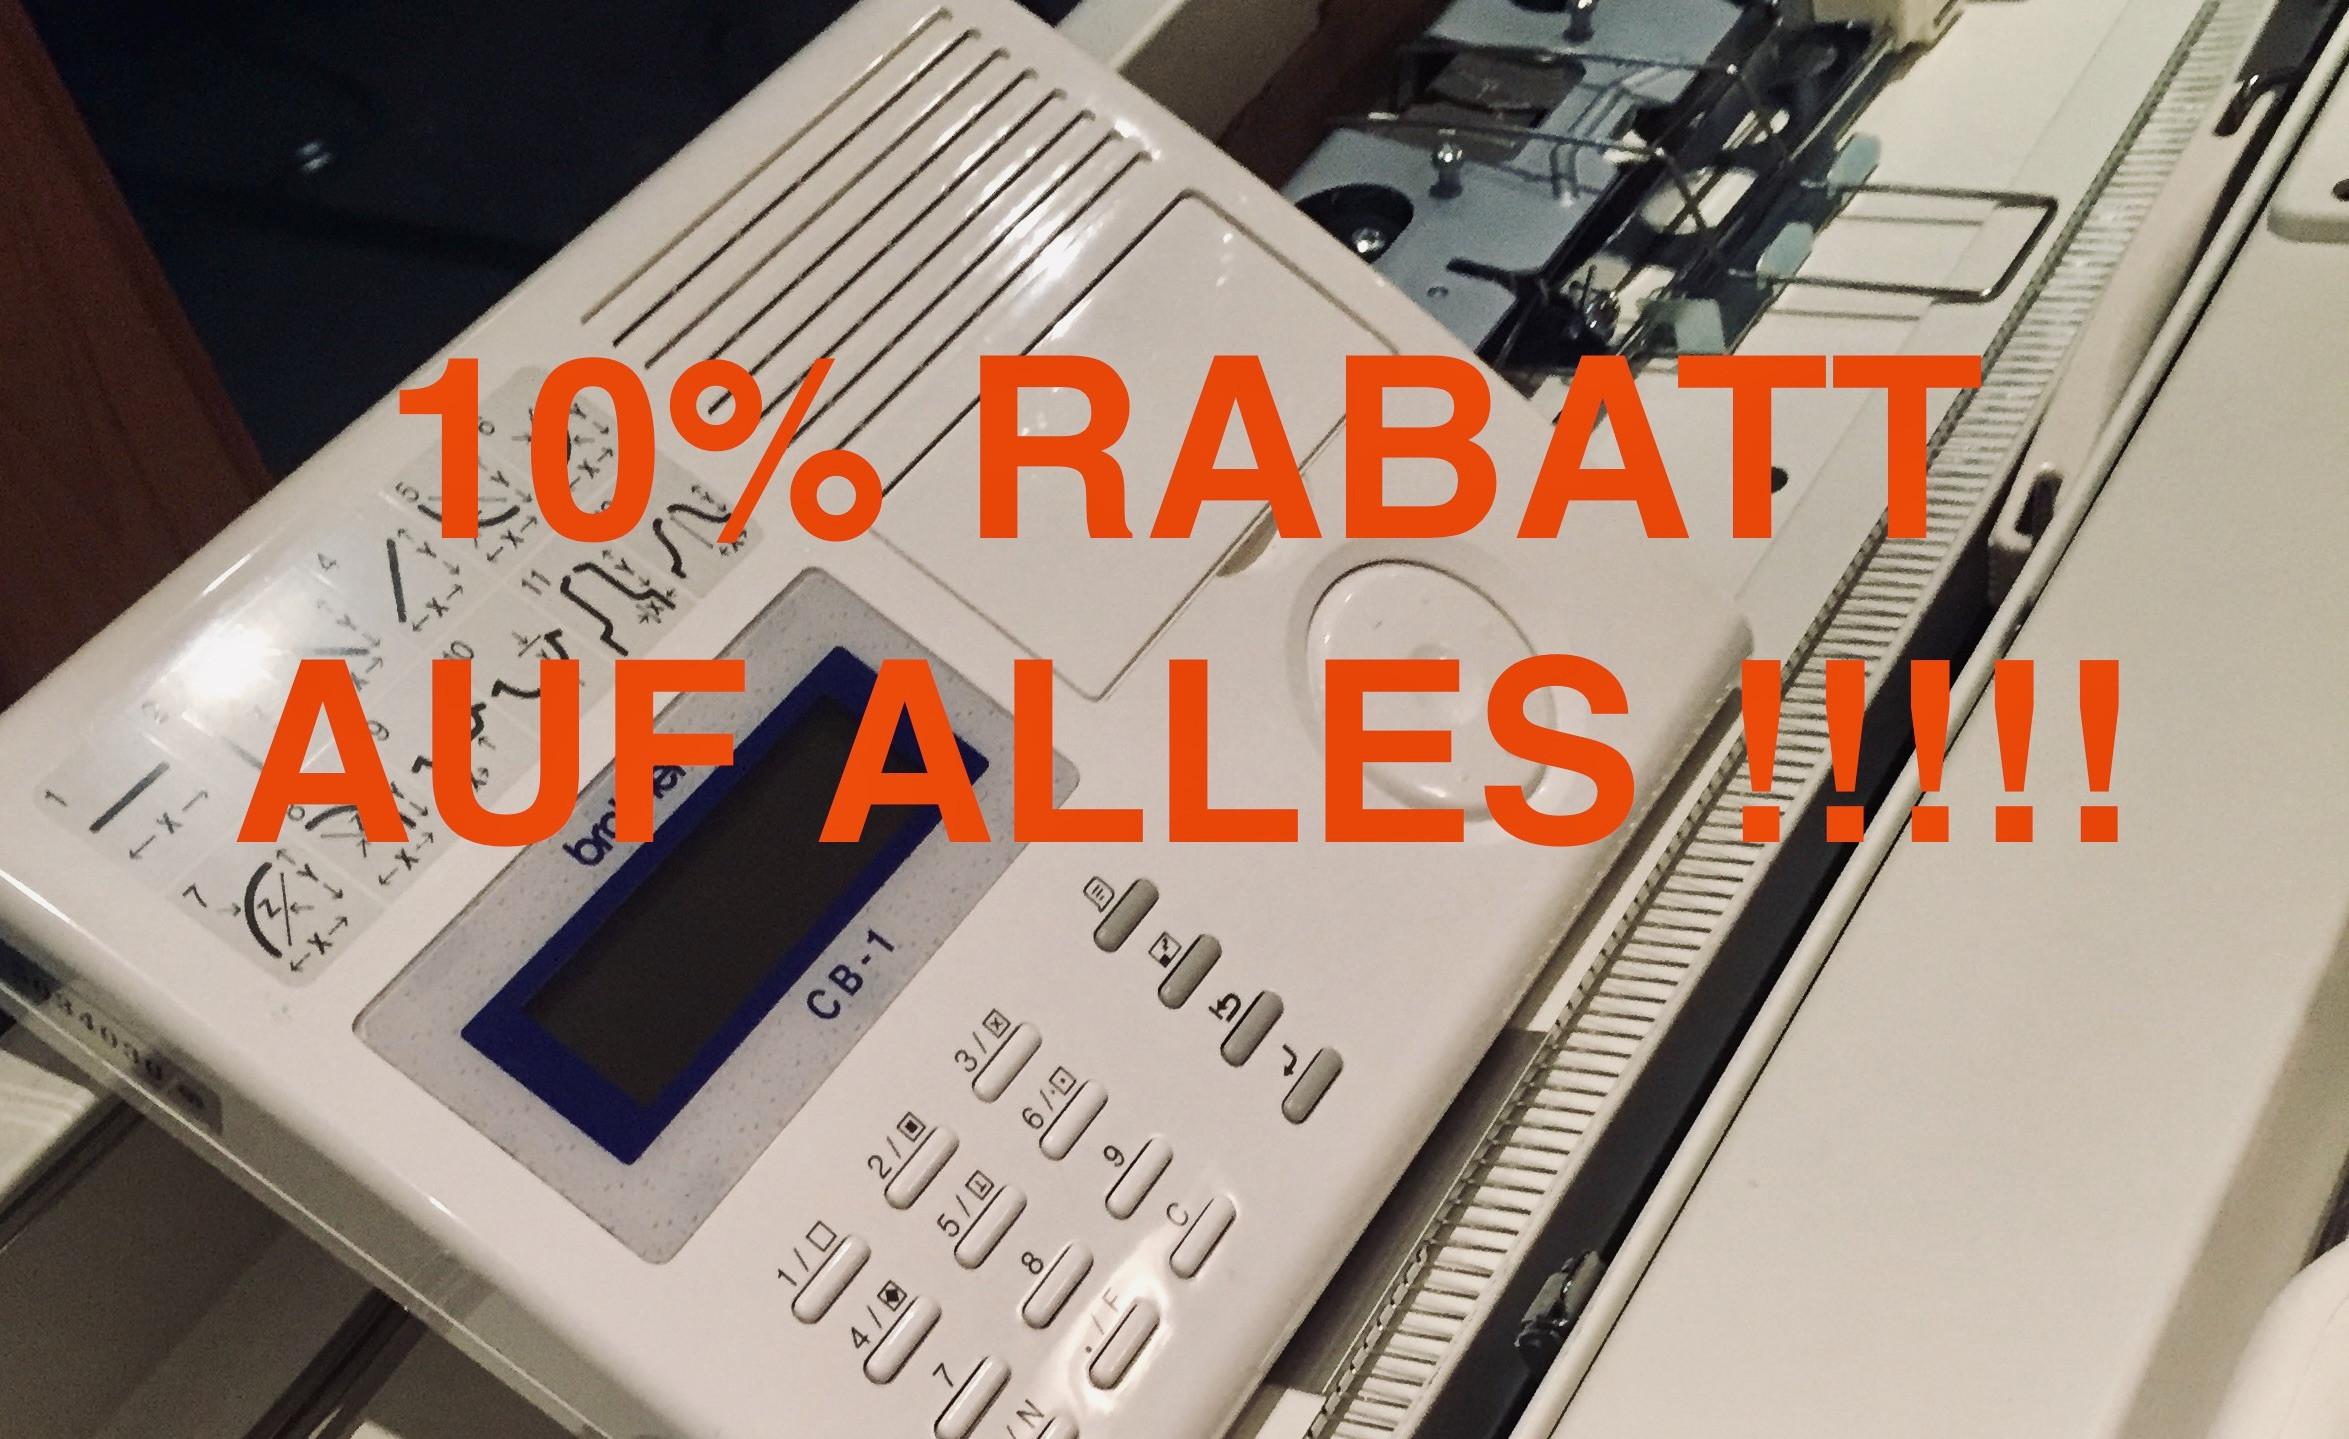 10% Rabatt auf ALLES !!!!!!!!!